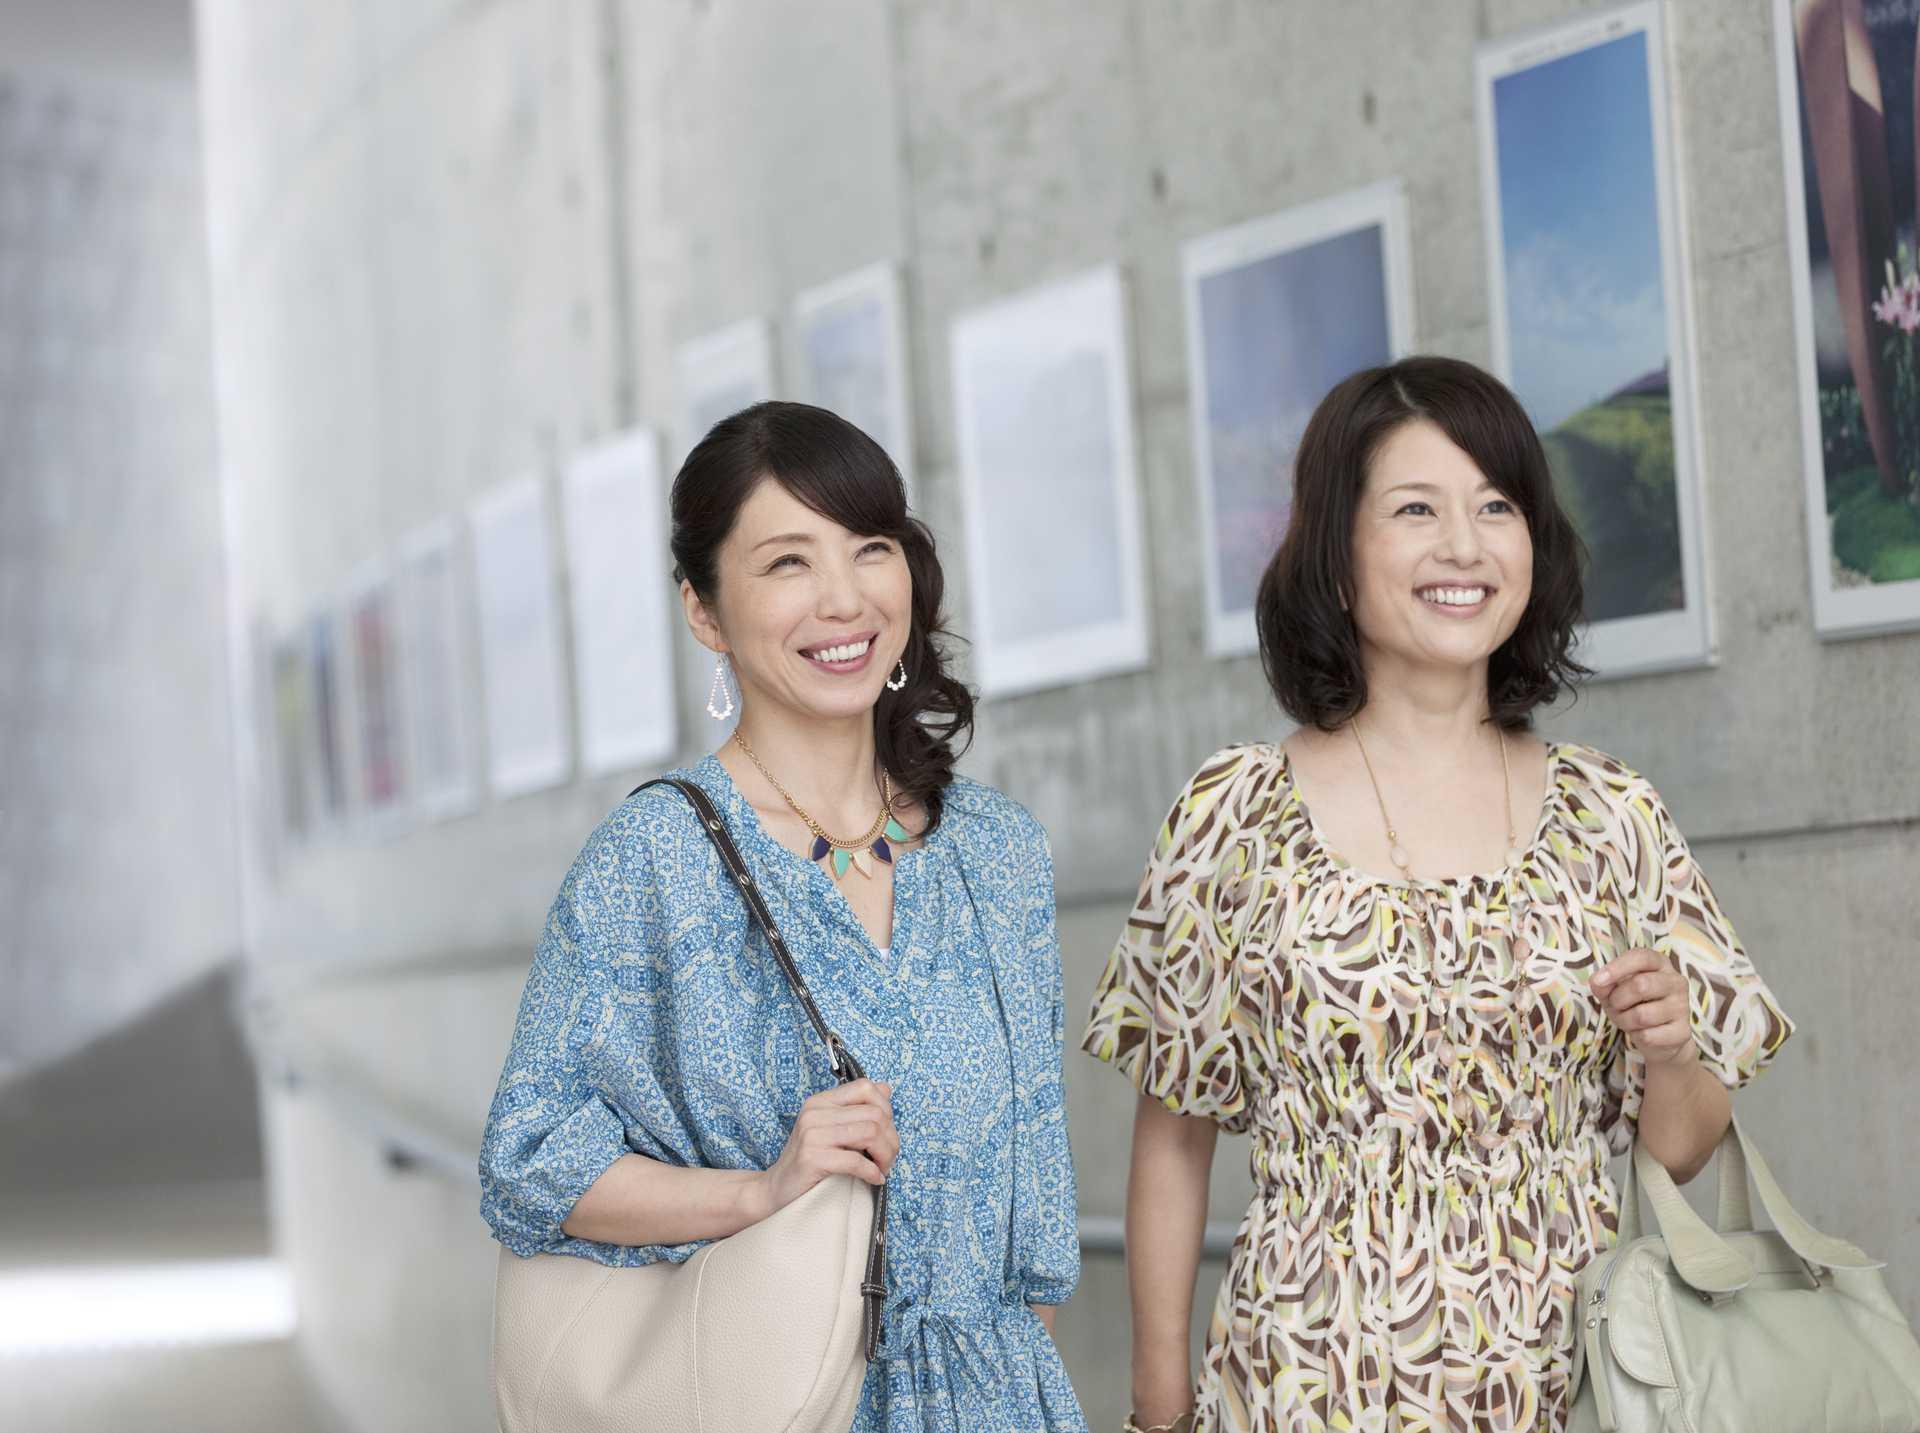 博物館は、歩かされる散歩スポット。 | 散歩の楽しみ方に気づく30のポイント